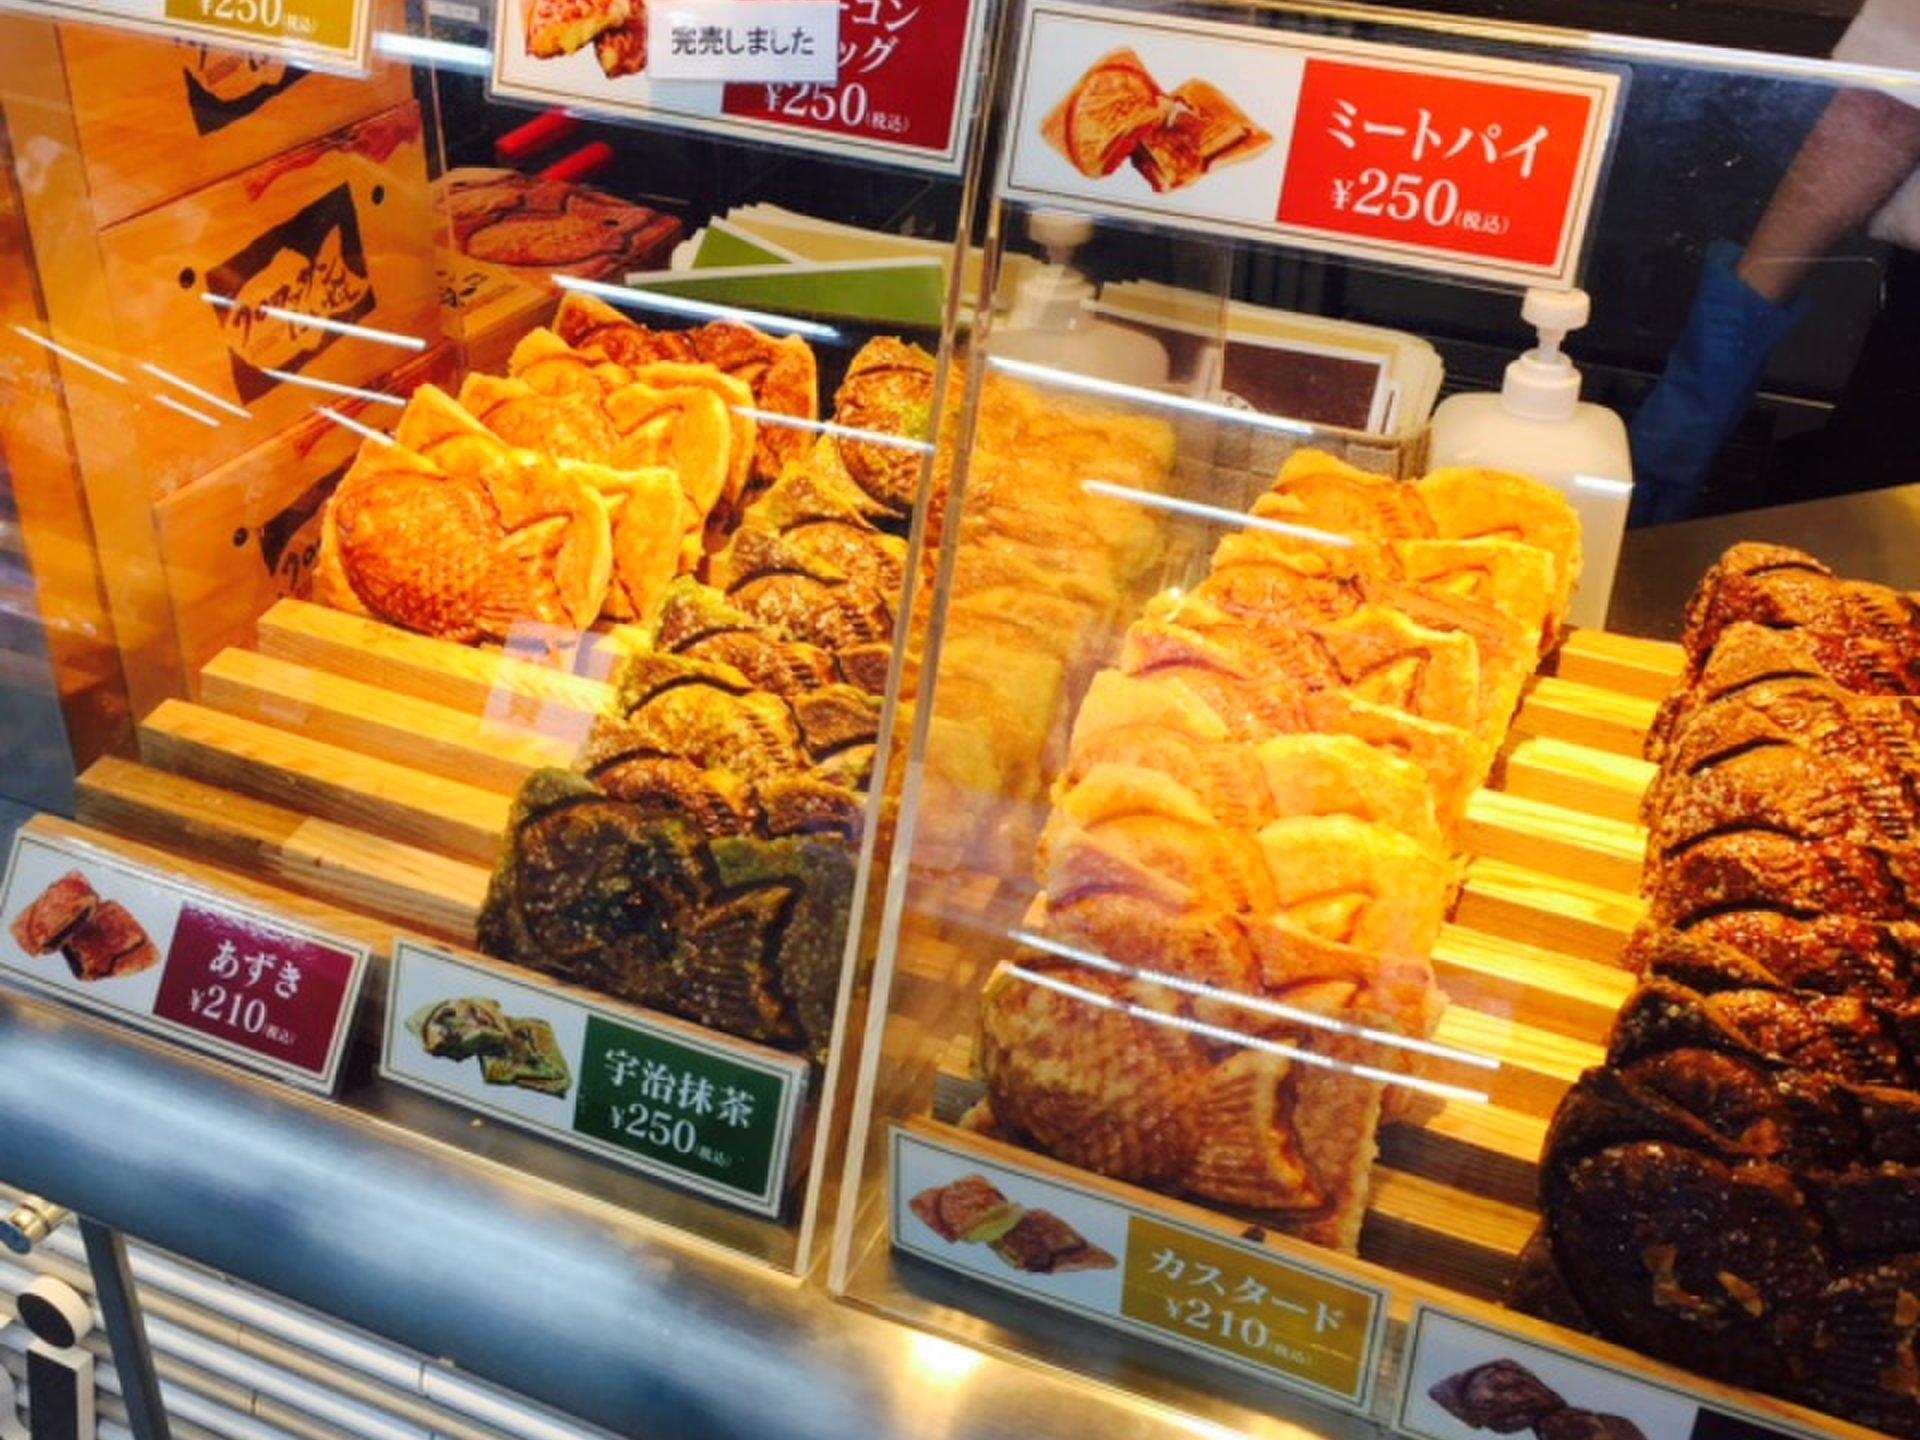 【コクーンシティ さいたま新都】レアなミートパイやコーングラタン味があるクロワッサンたい焼きのお店